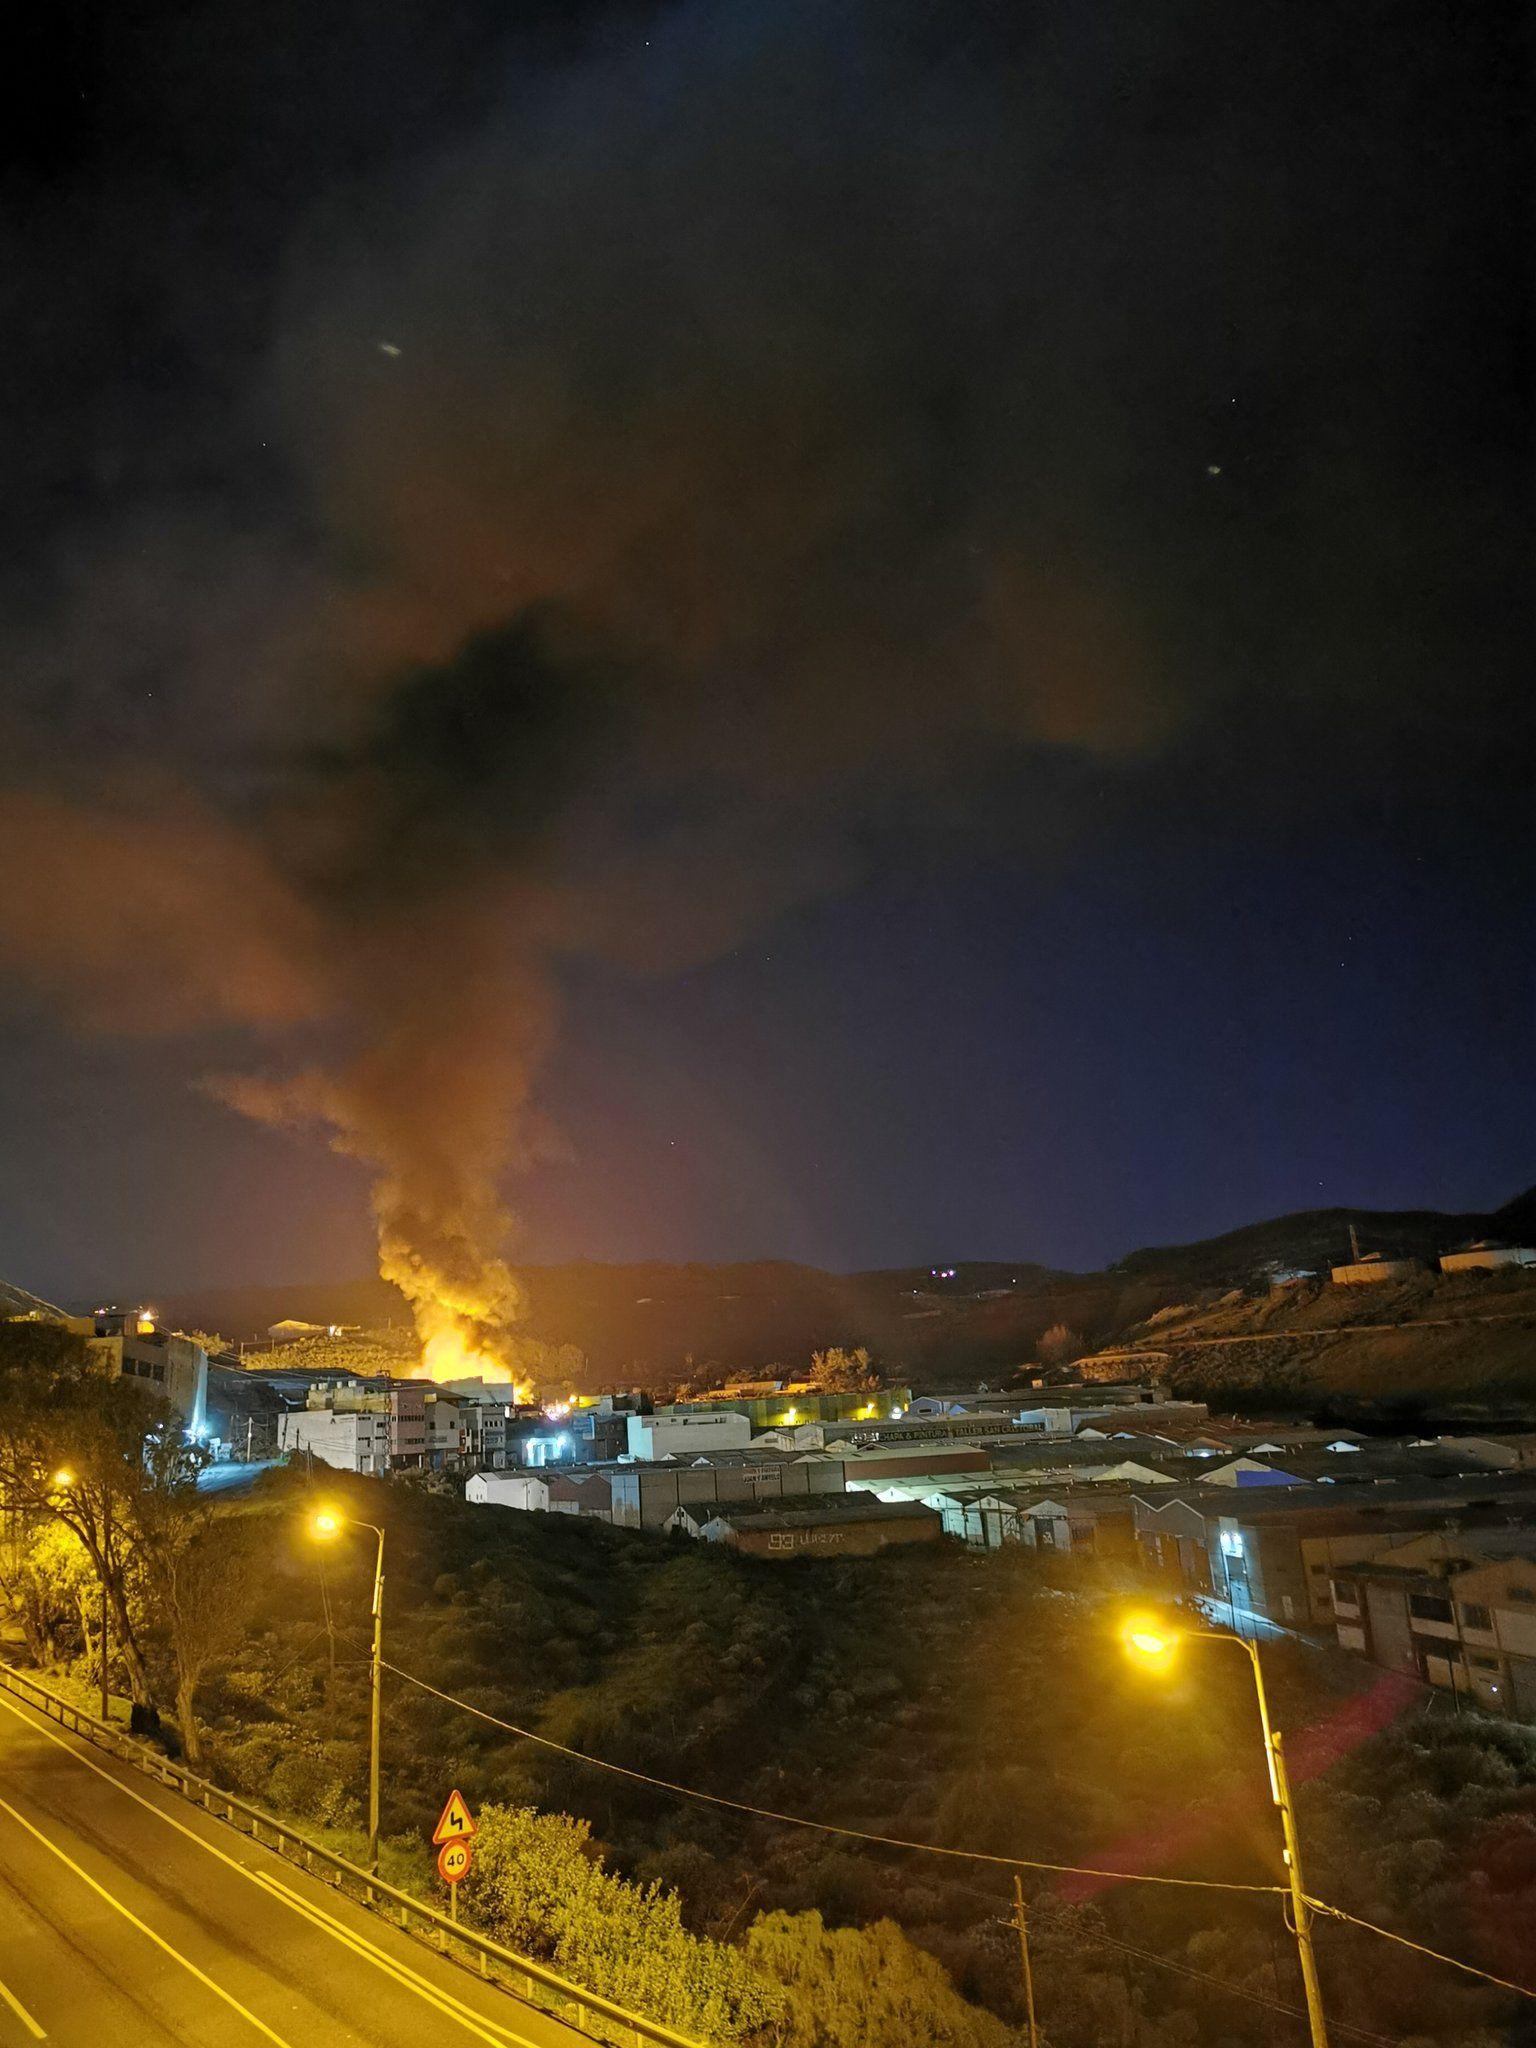 Incendio en la zona industrial de Maipez en Telde/ canariasnoticias.es